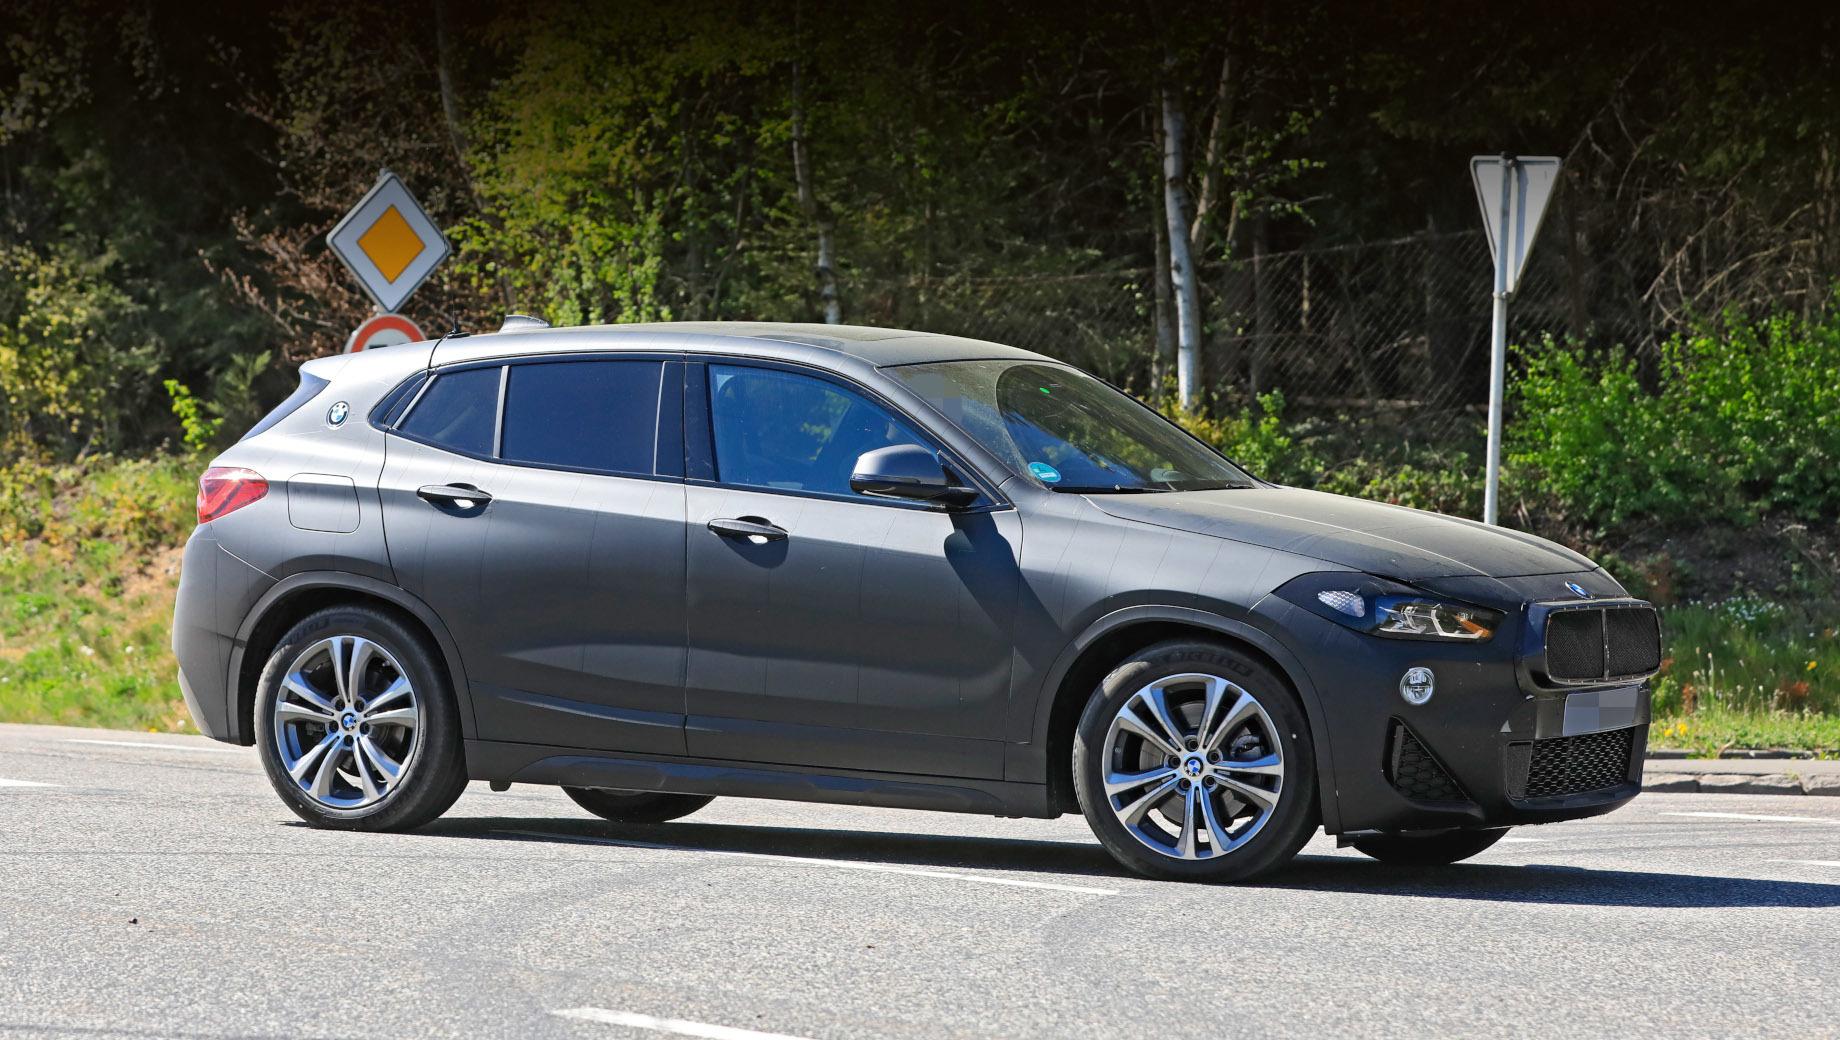 Bmw x2. Паркетник X2 был представлен осенью 2017 года, через пару лет после премьеры X1 второго поколения. В Европе X2 уступает по популярности «икс-первому» вдвое (в 2019-м продано 45 126 экземпляров X2 и 108 507 X1), а в России разница более чем троекратная (903 «икс-вторых» и 3086 «икс-первых»).